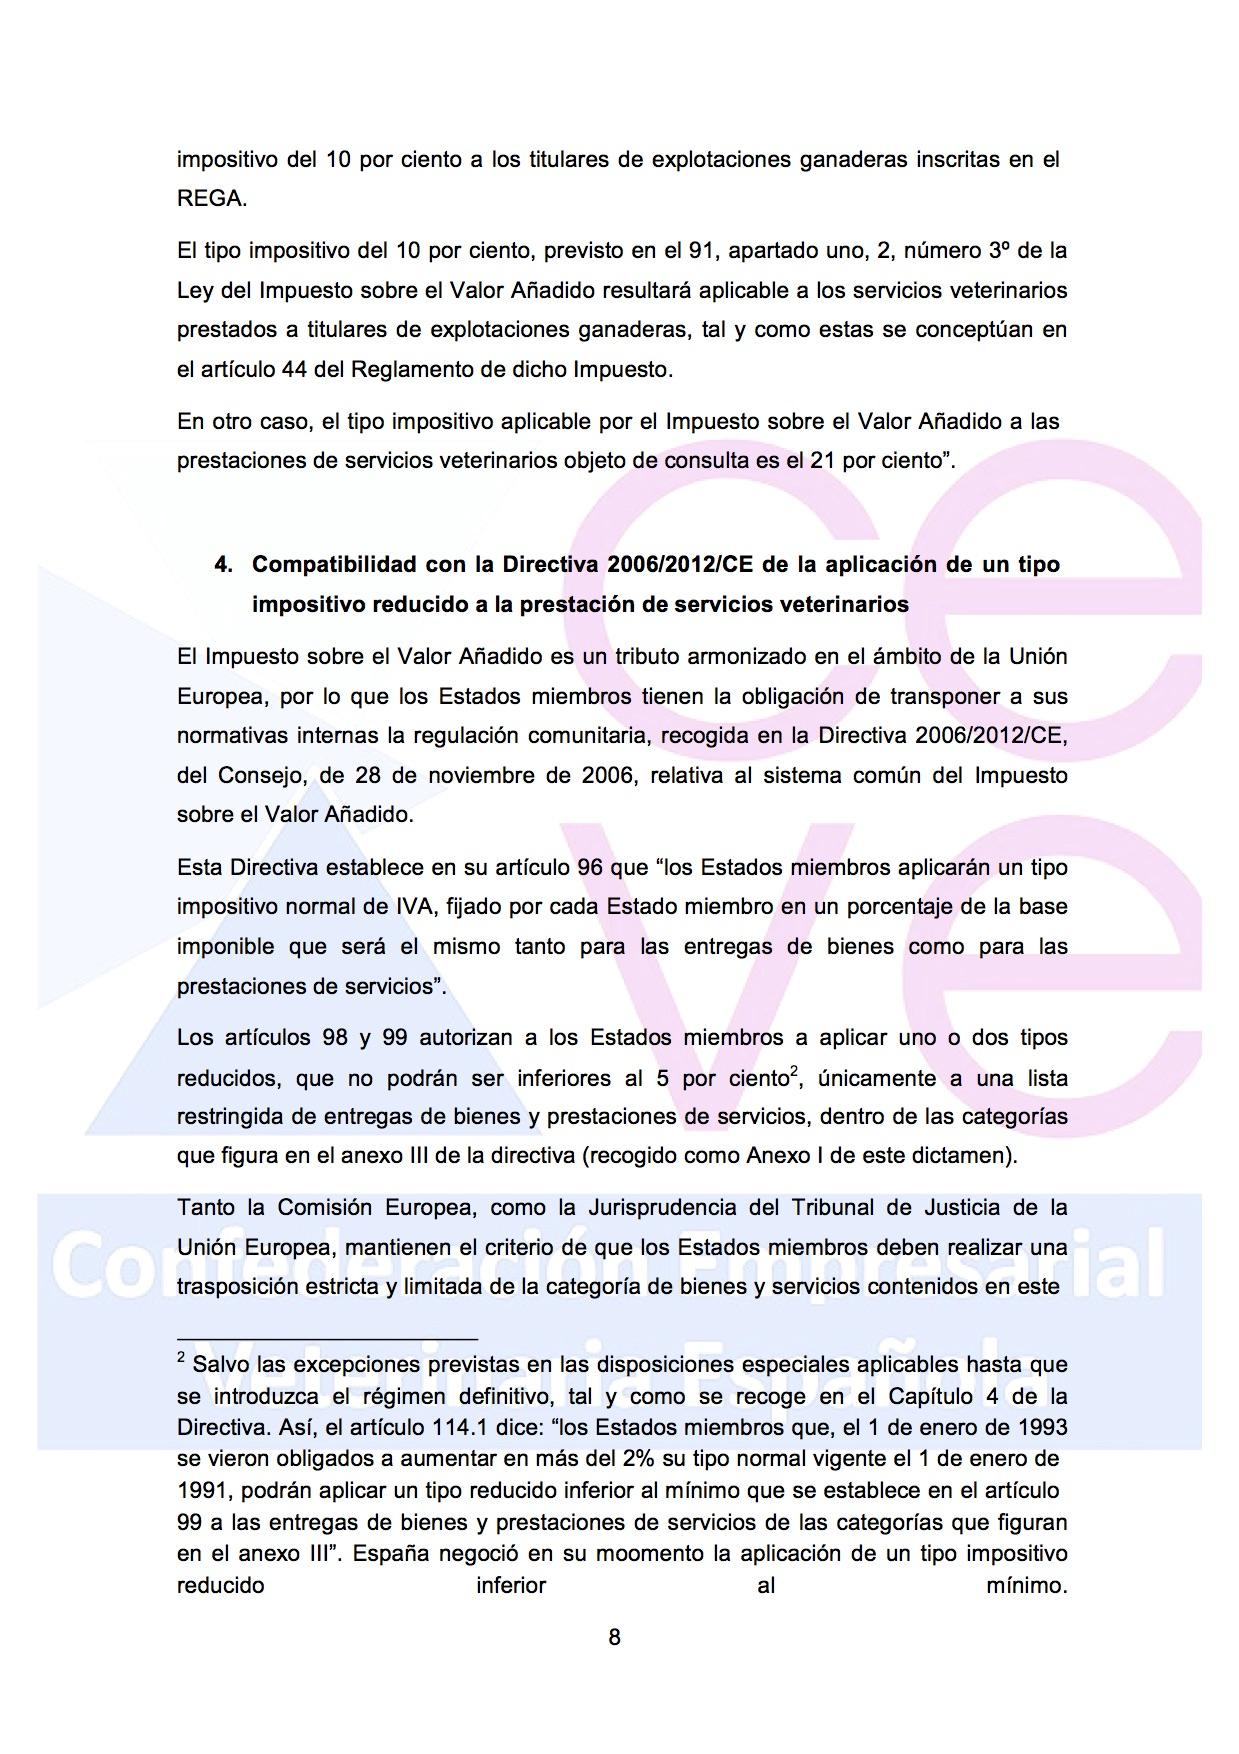 dictamen-aplicacion8-iva-servicios-veterinarios